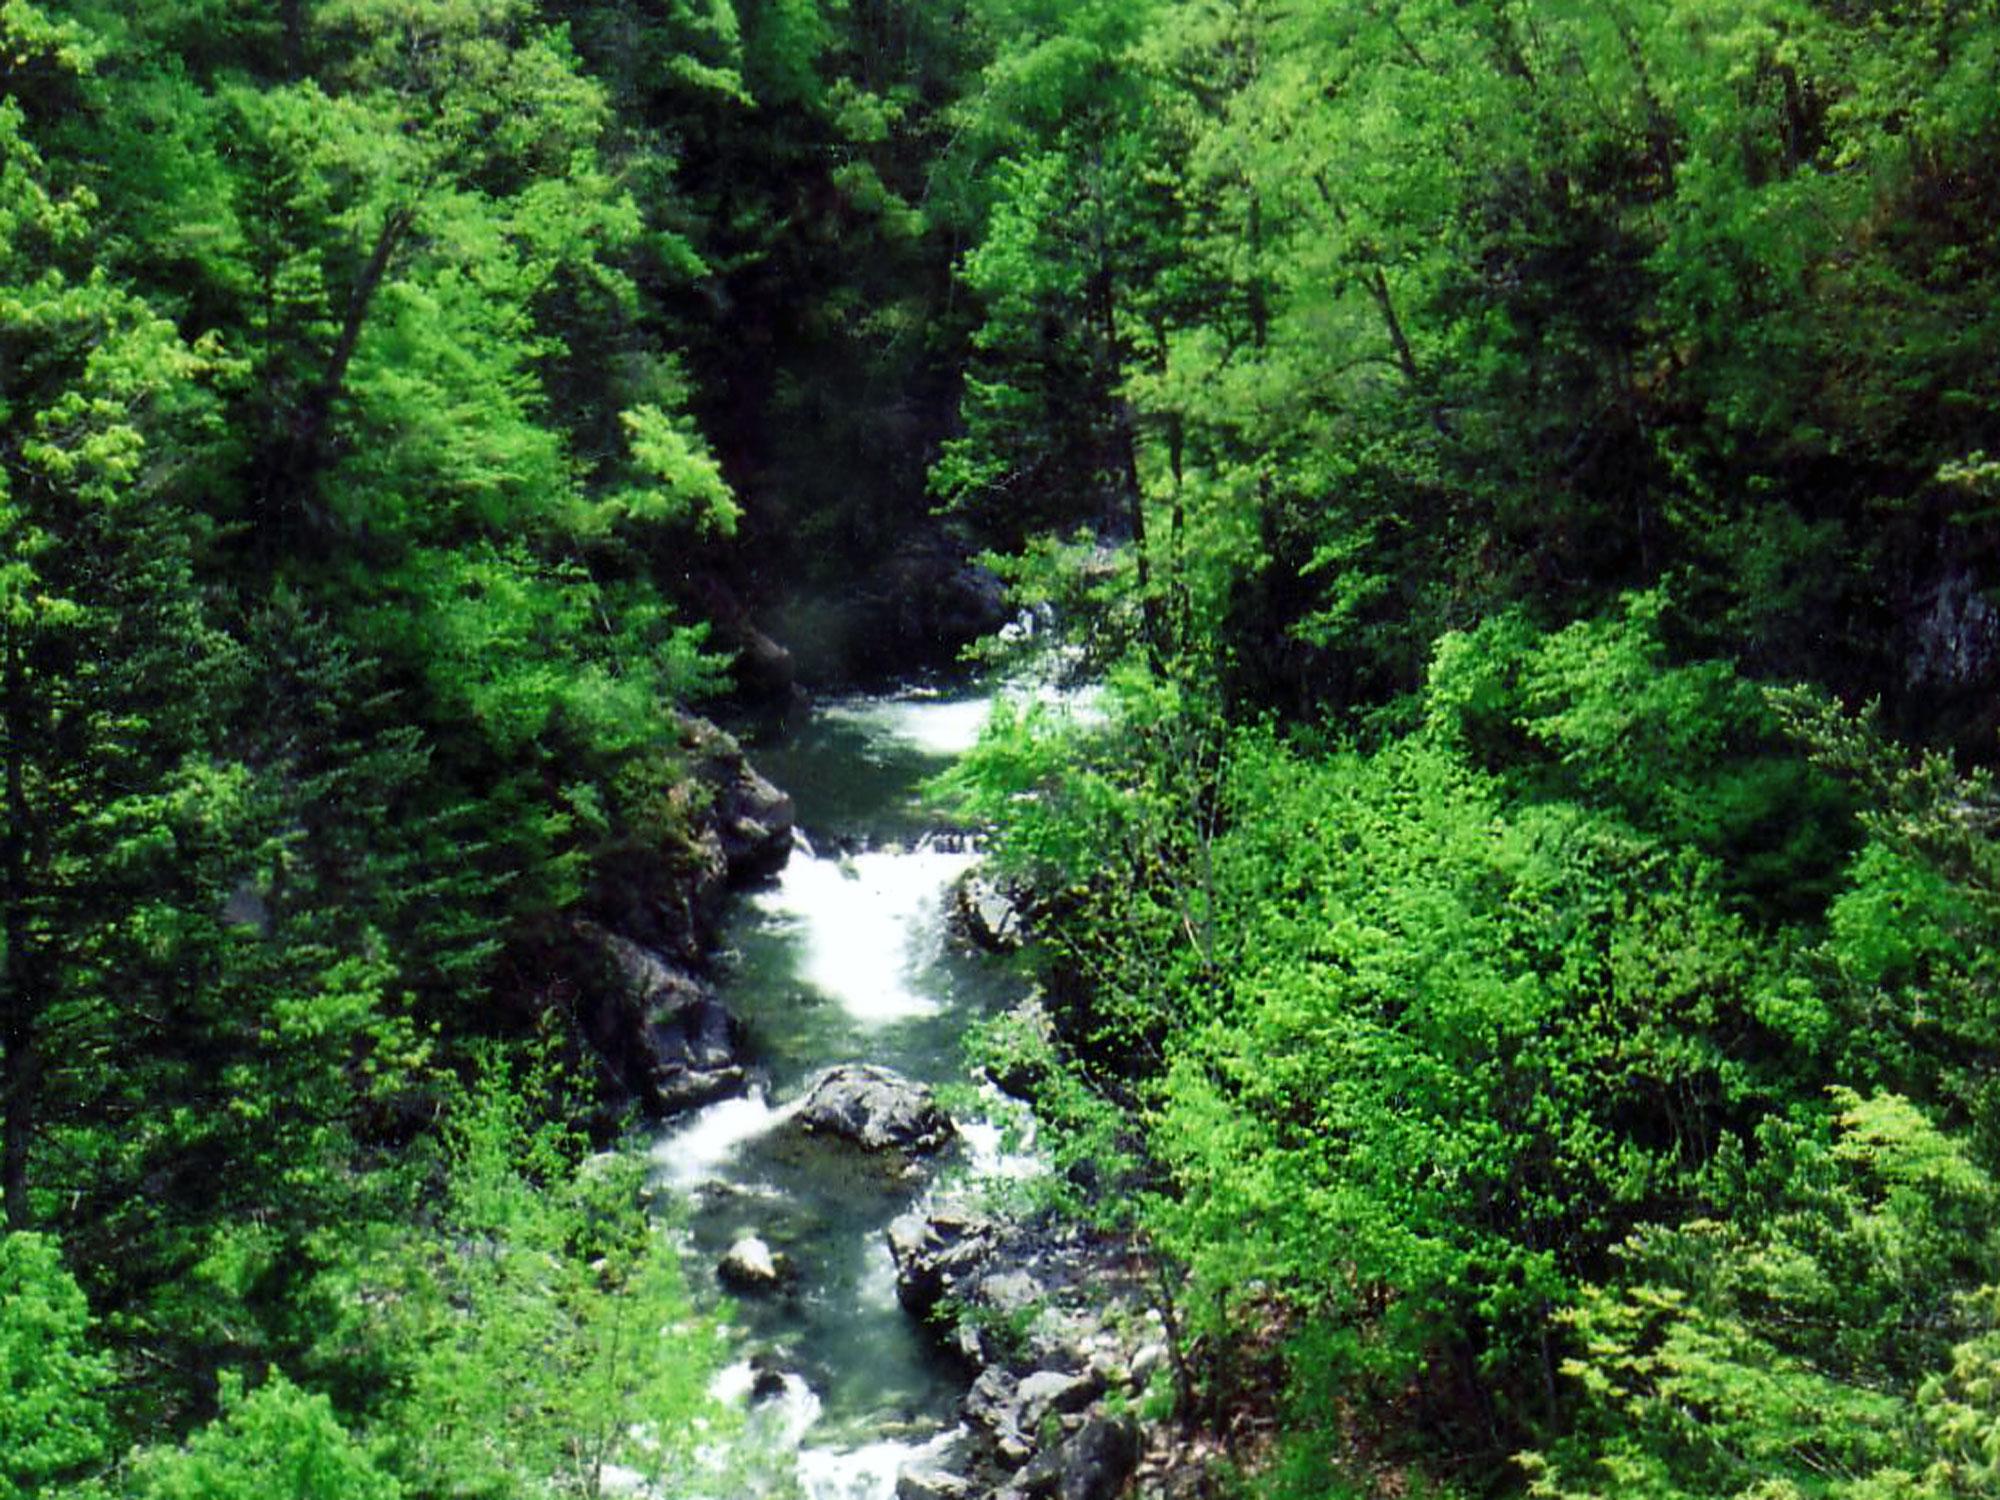 夏 の 写真 18 サイズ 640x480 夏 の 岩内 仙境